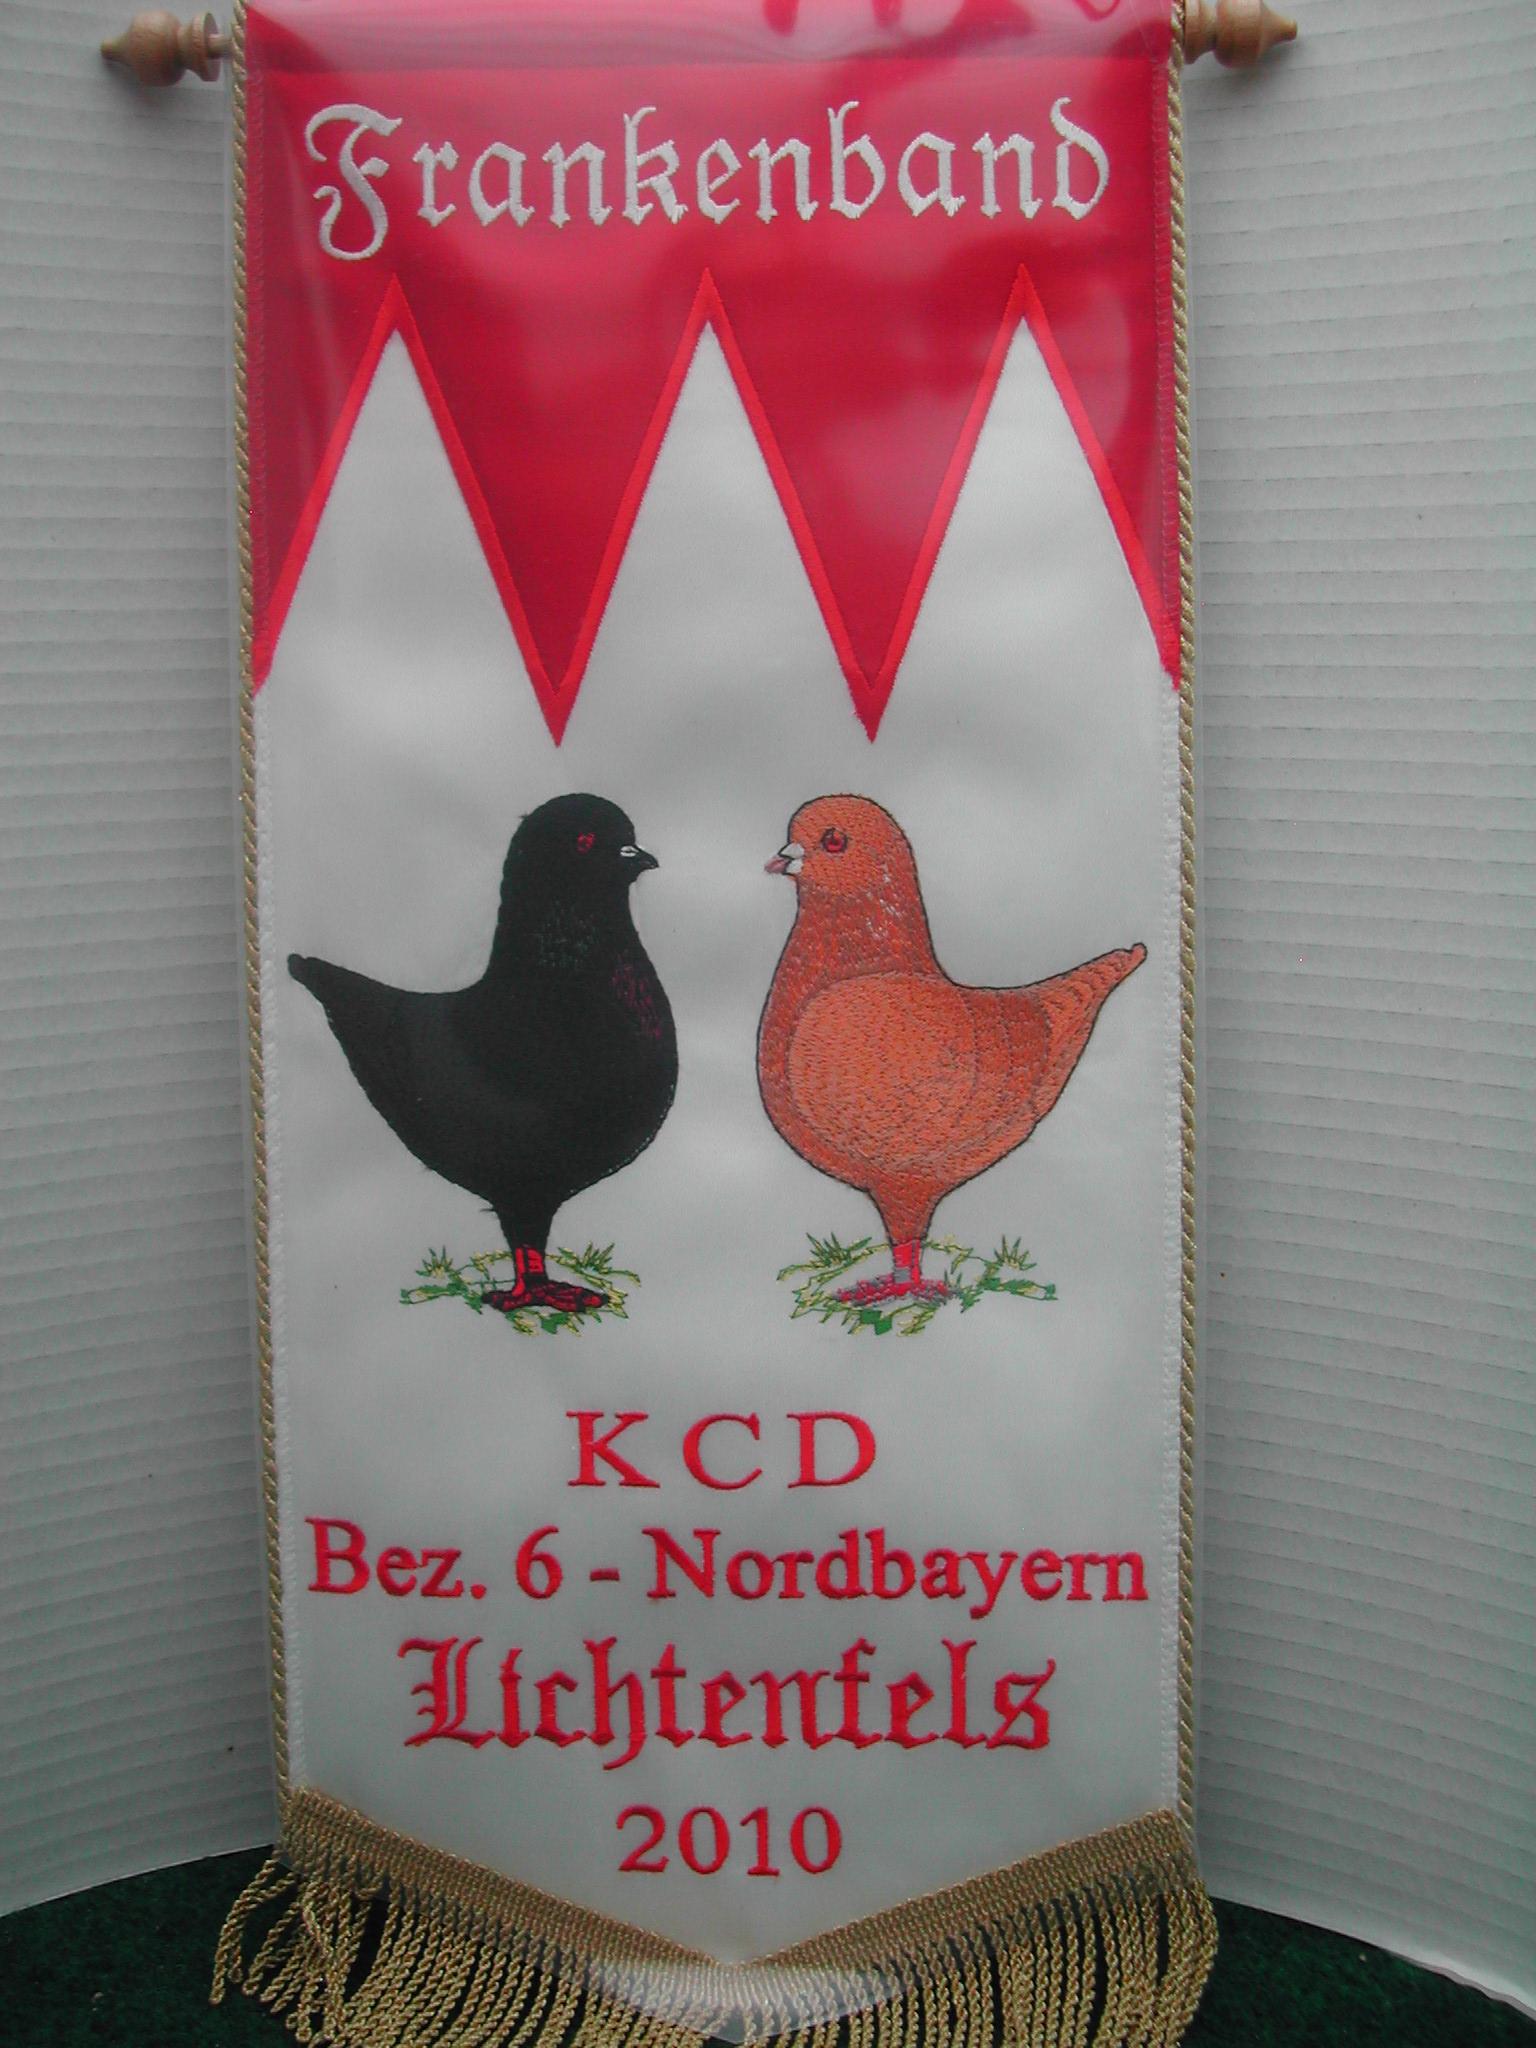 HSS Lichtenfels 2010